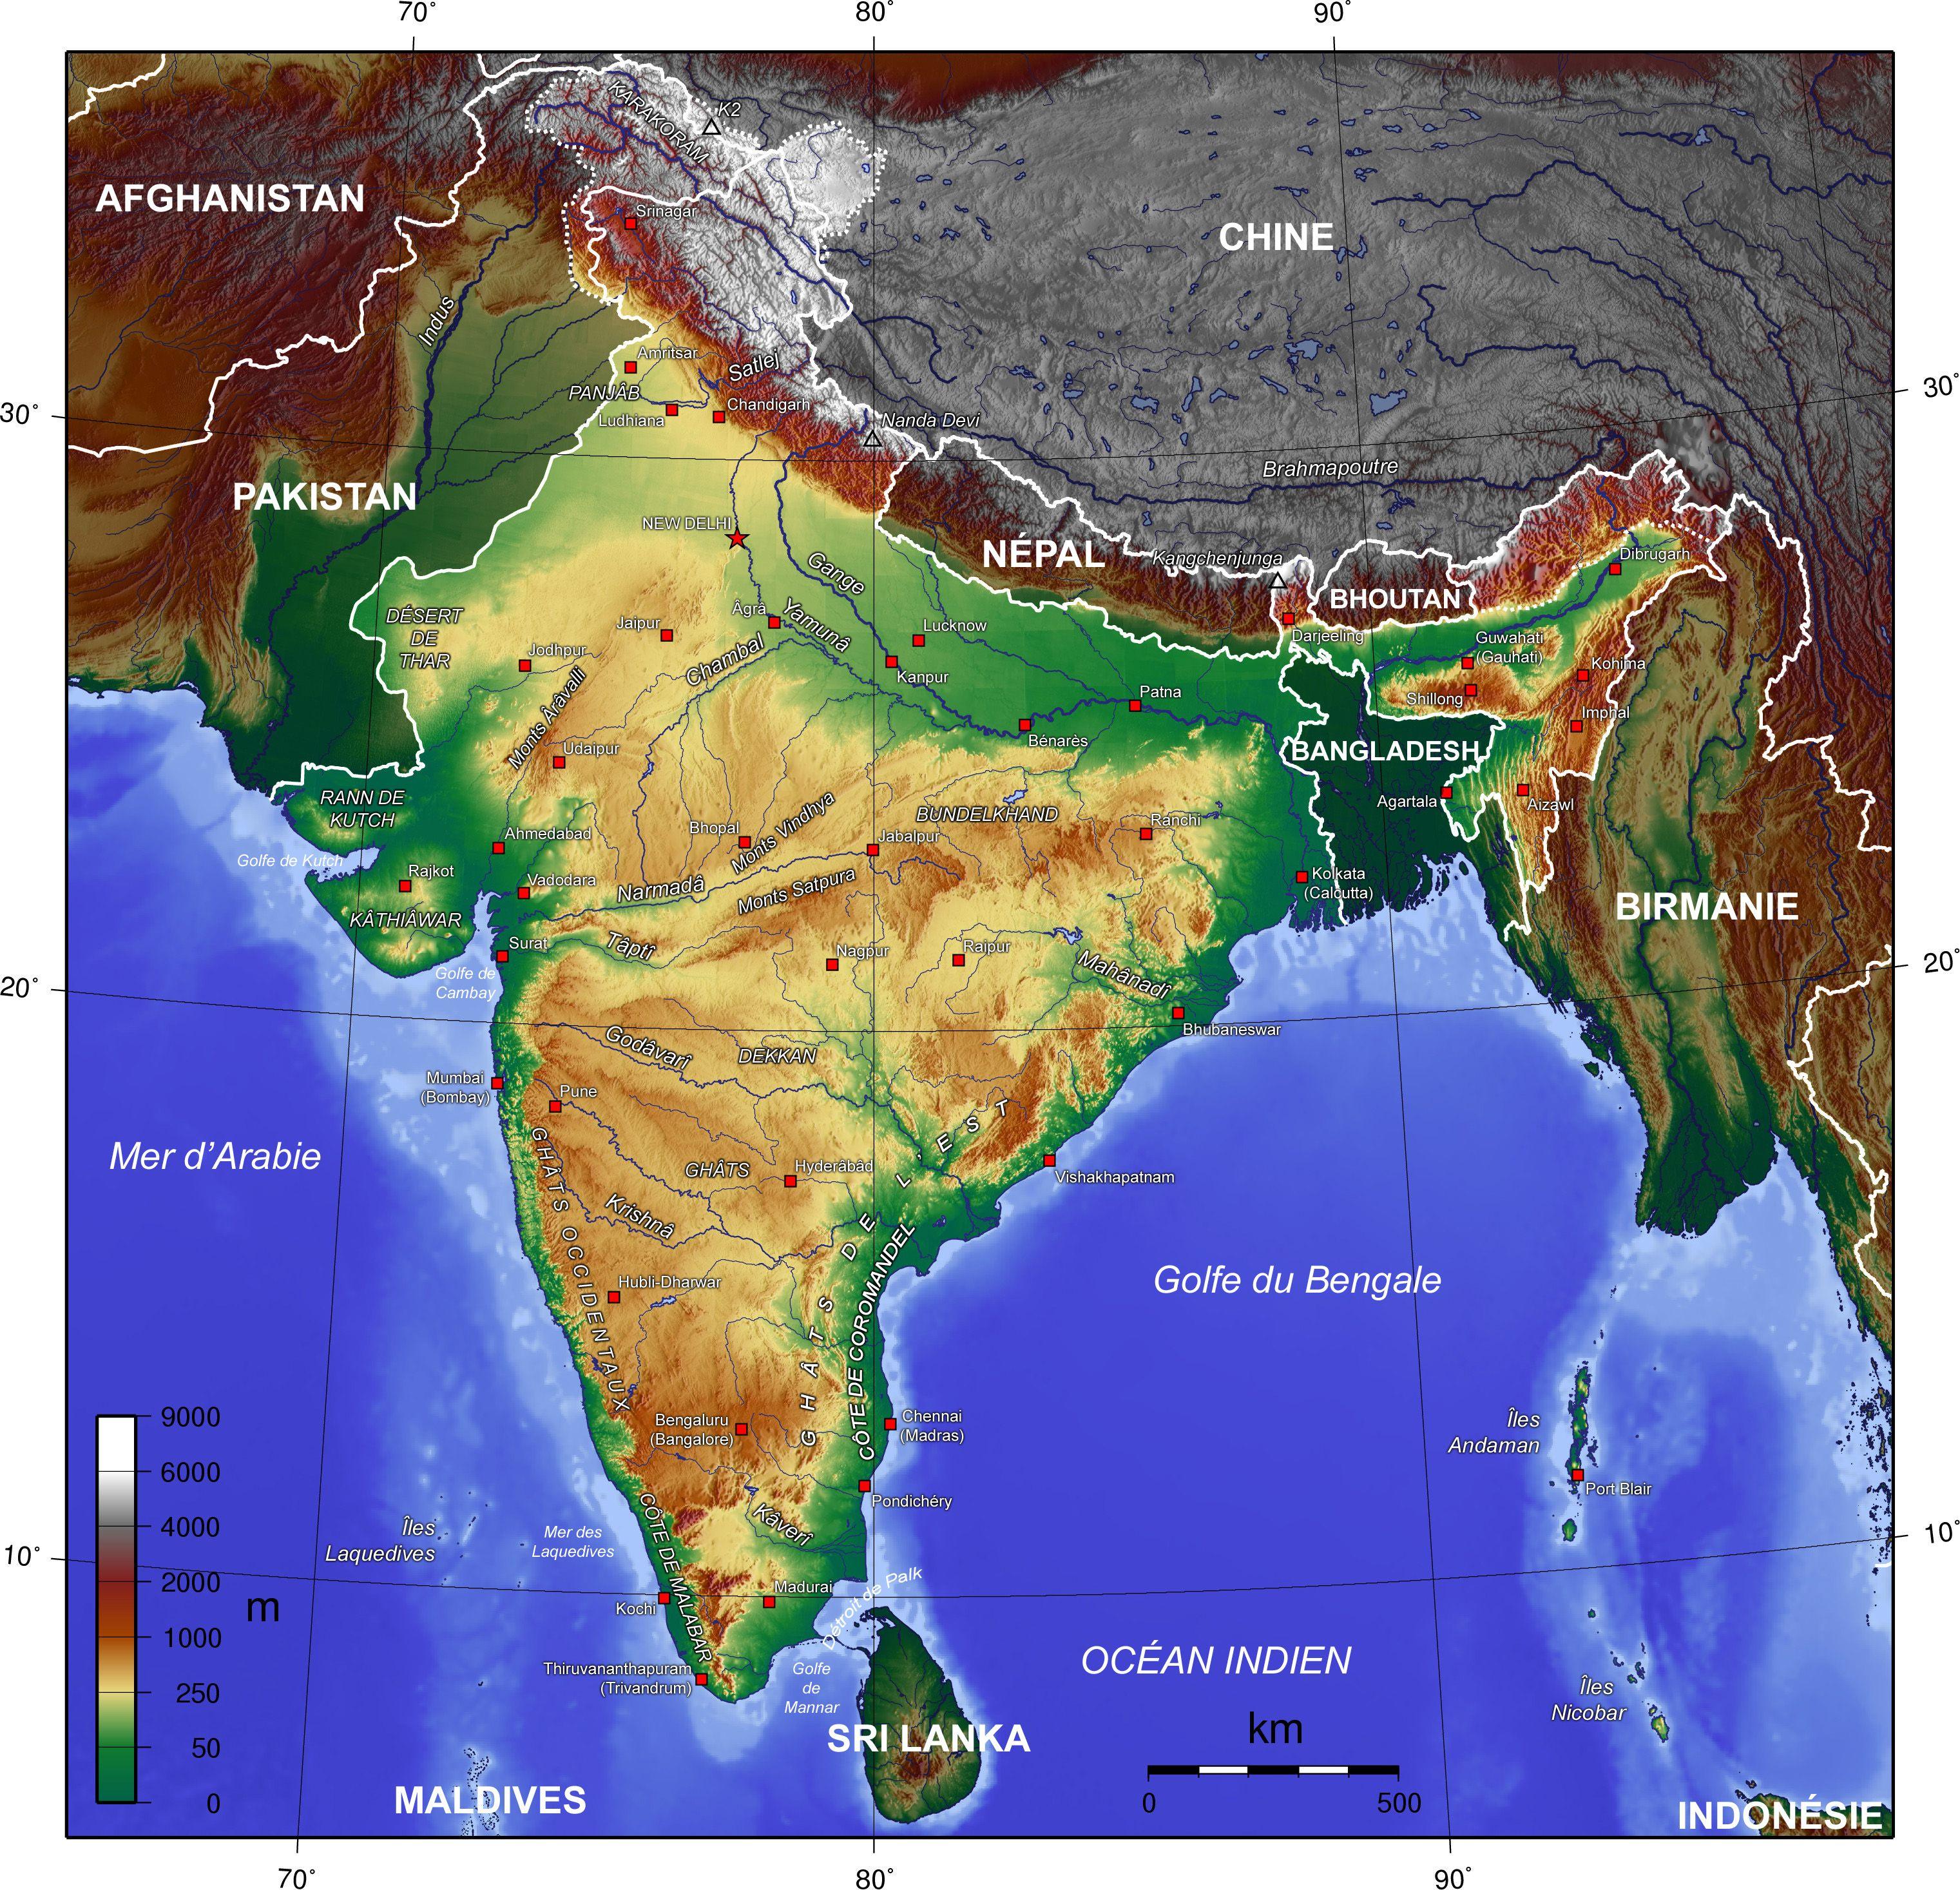 Carte De L Inde.Carte Topographique De L Inde 4 0 Cartes Bengale